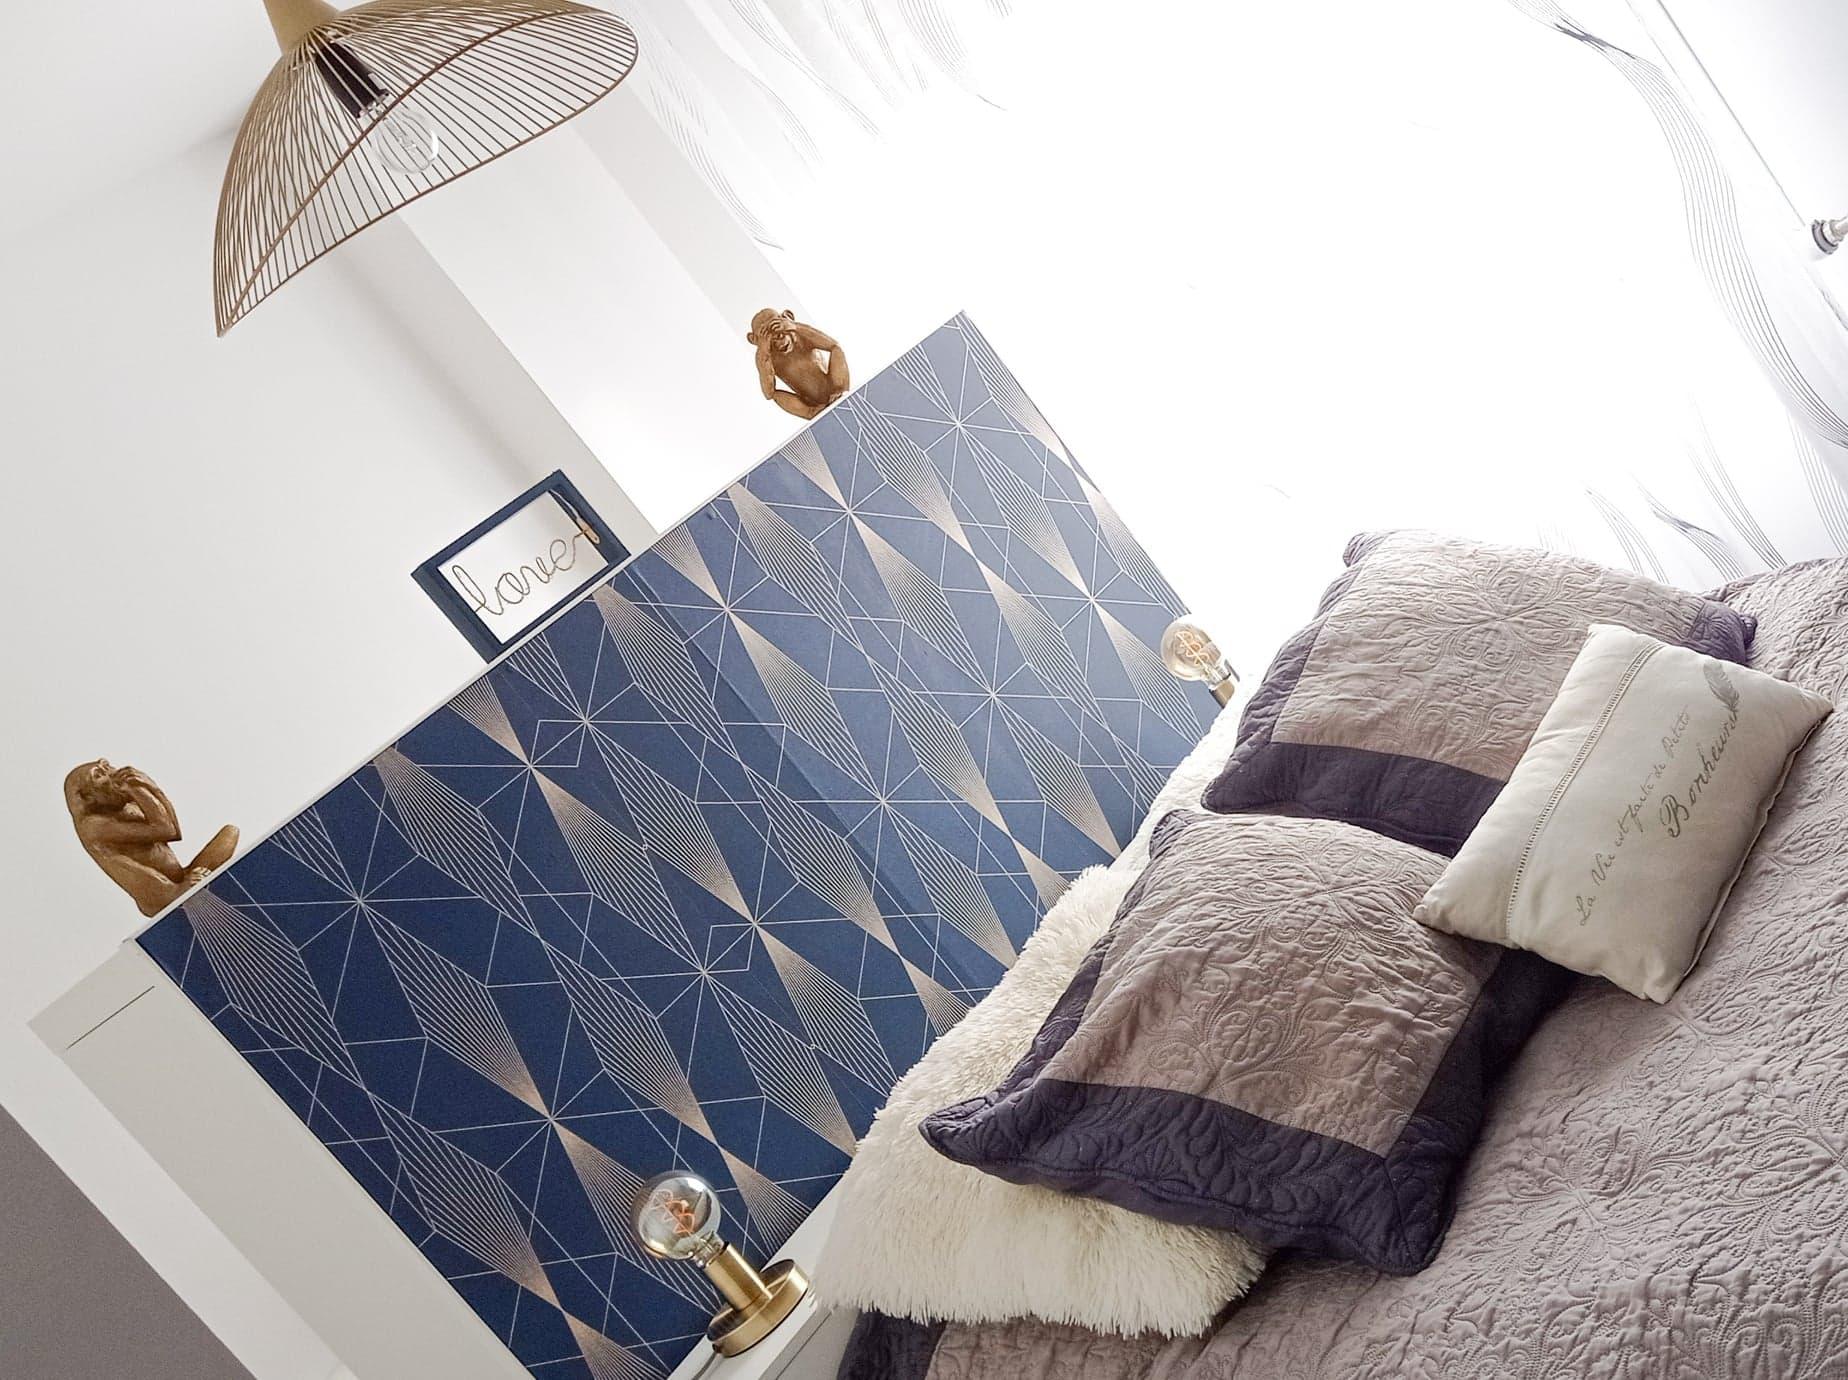 Comment créer une tête de lit originale